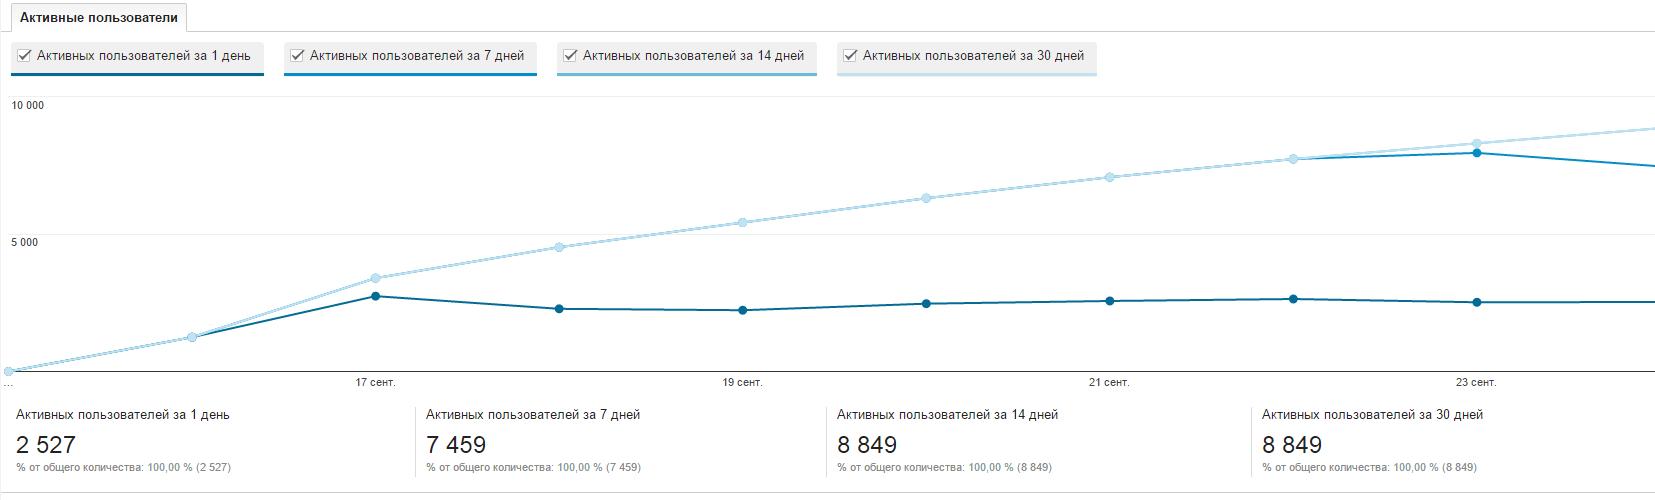 MAU/DAU (monthly active users / daily active users) демонстрируется в GA в отчете «Активные пользователи»